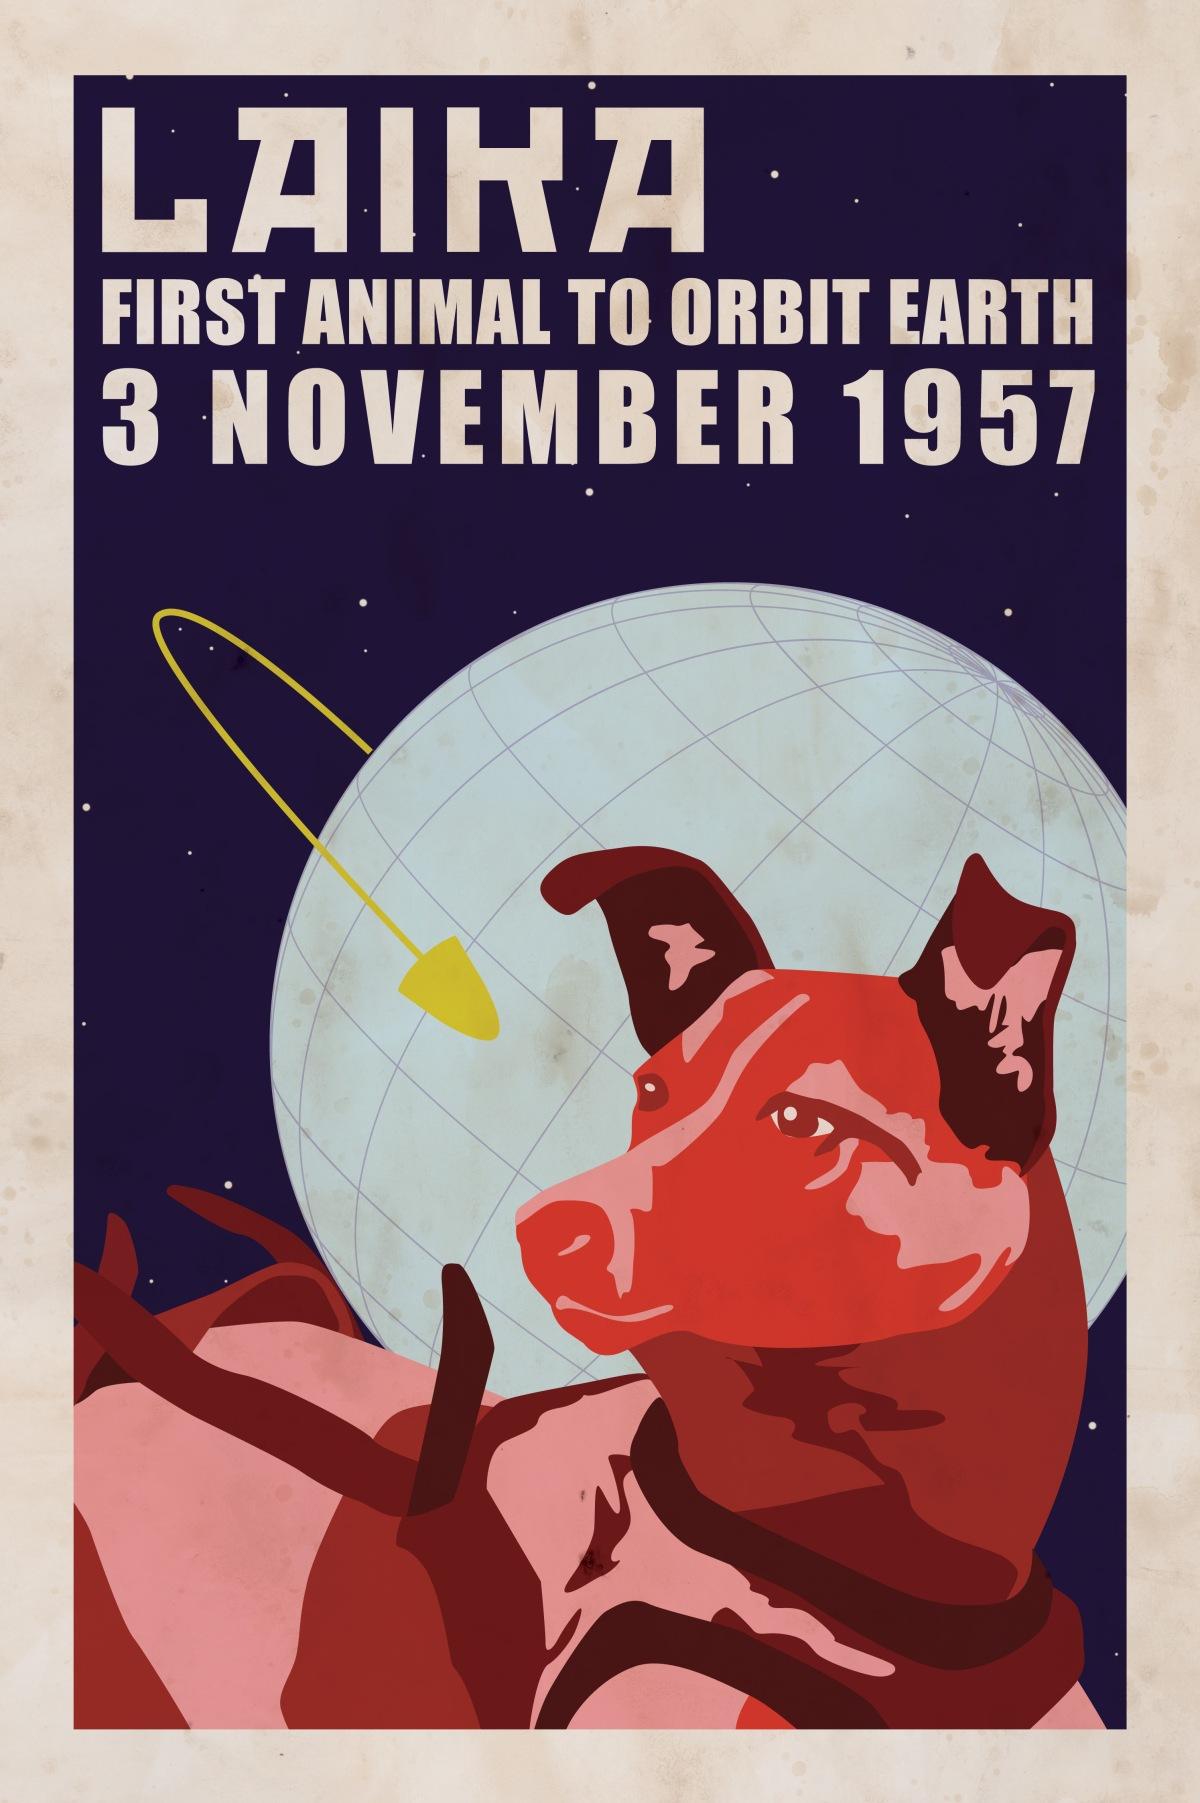 LAIKATECI! Il 3 novembre e la conquista dellospazio